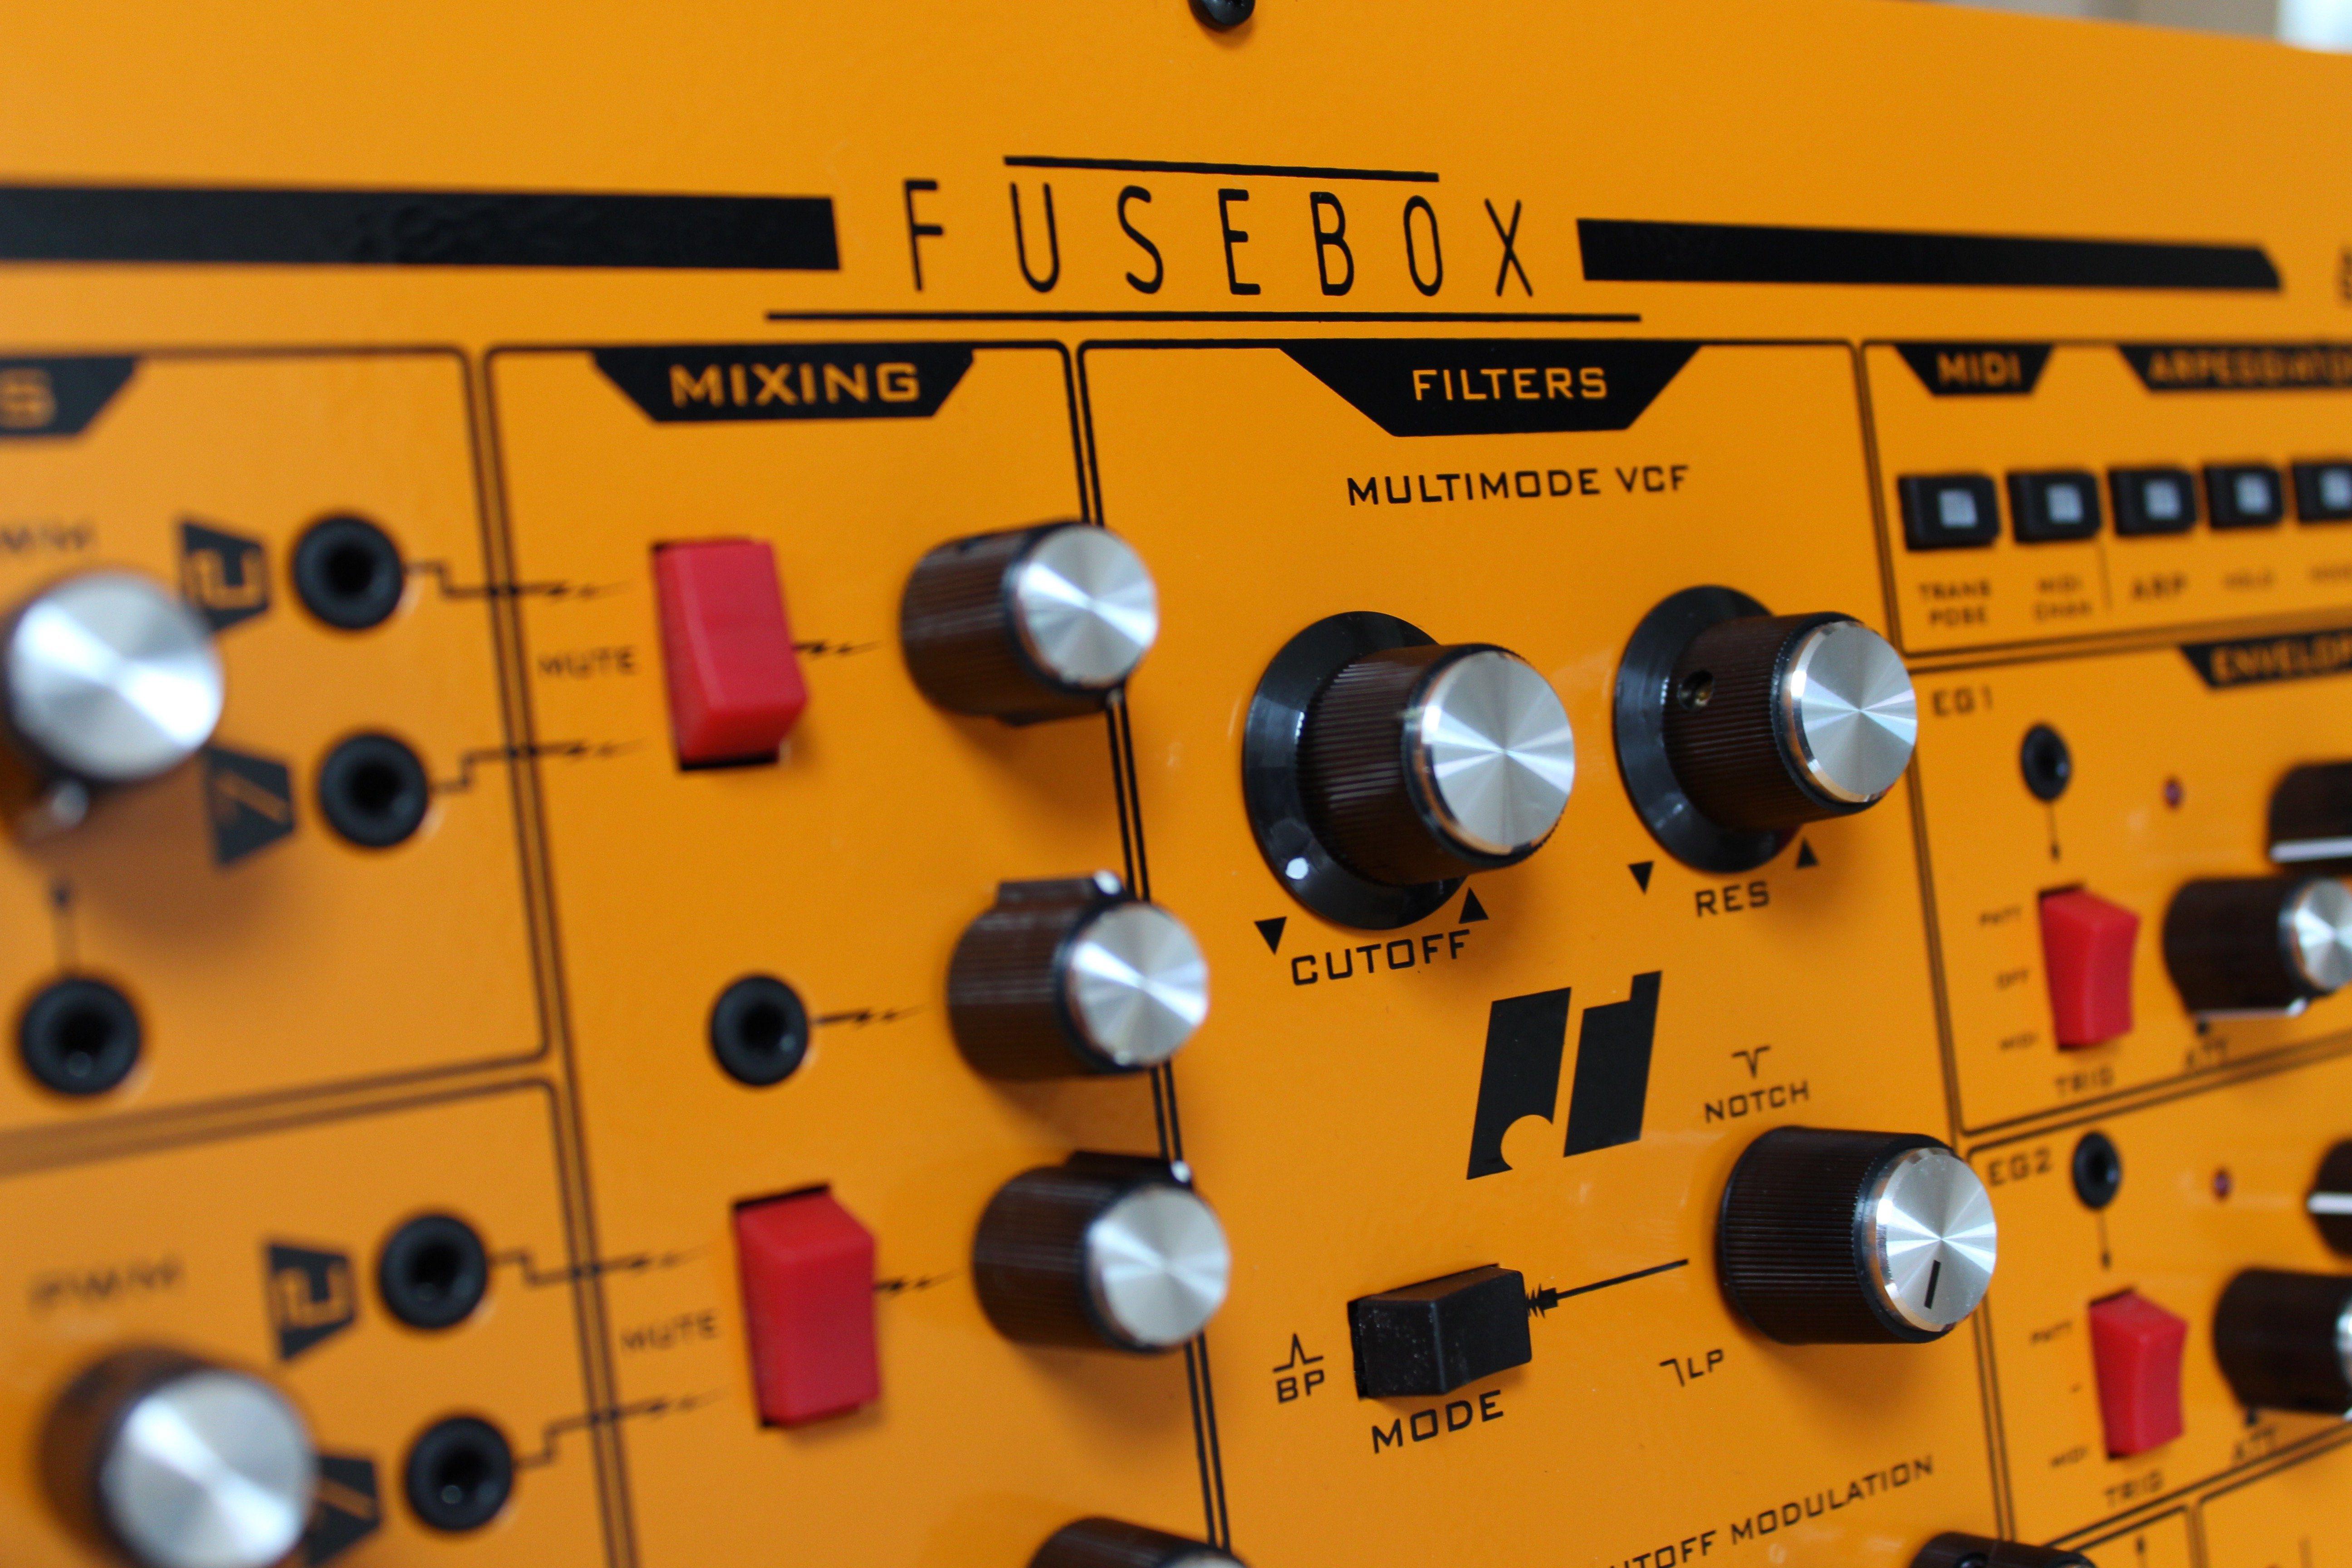 Top News Analogue Solutions Fusebox Audio Fuse Box Soeben Trafen Gerade Nioch Ein Paar Verlssliche Informationen Zur